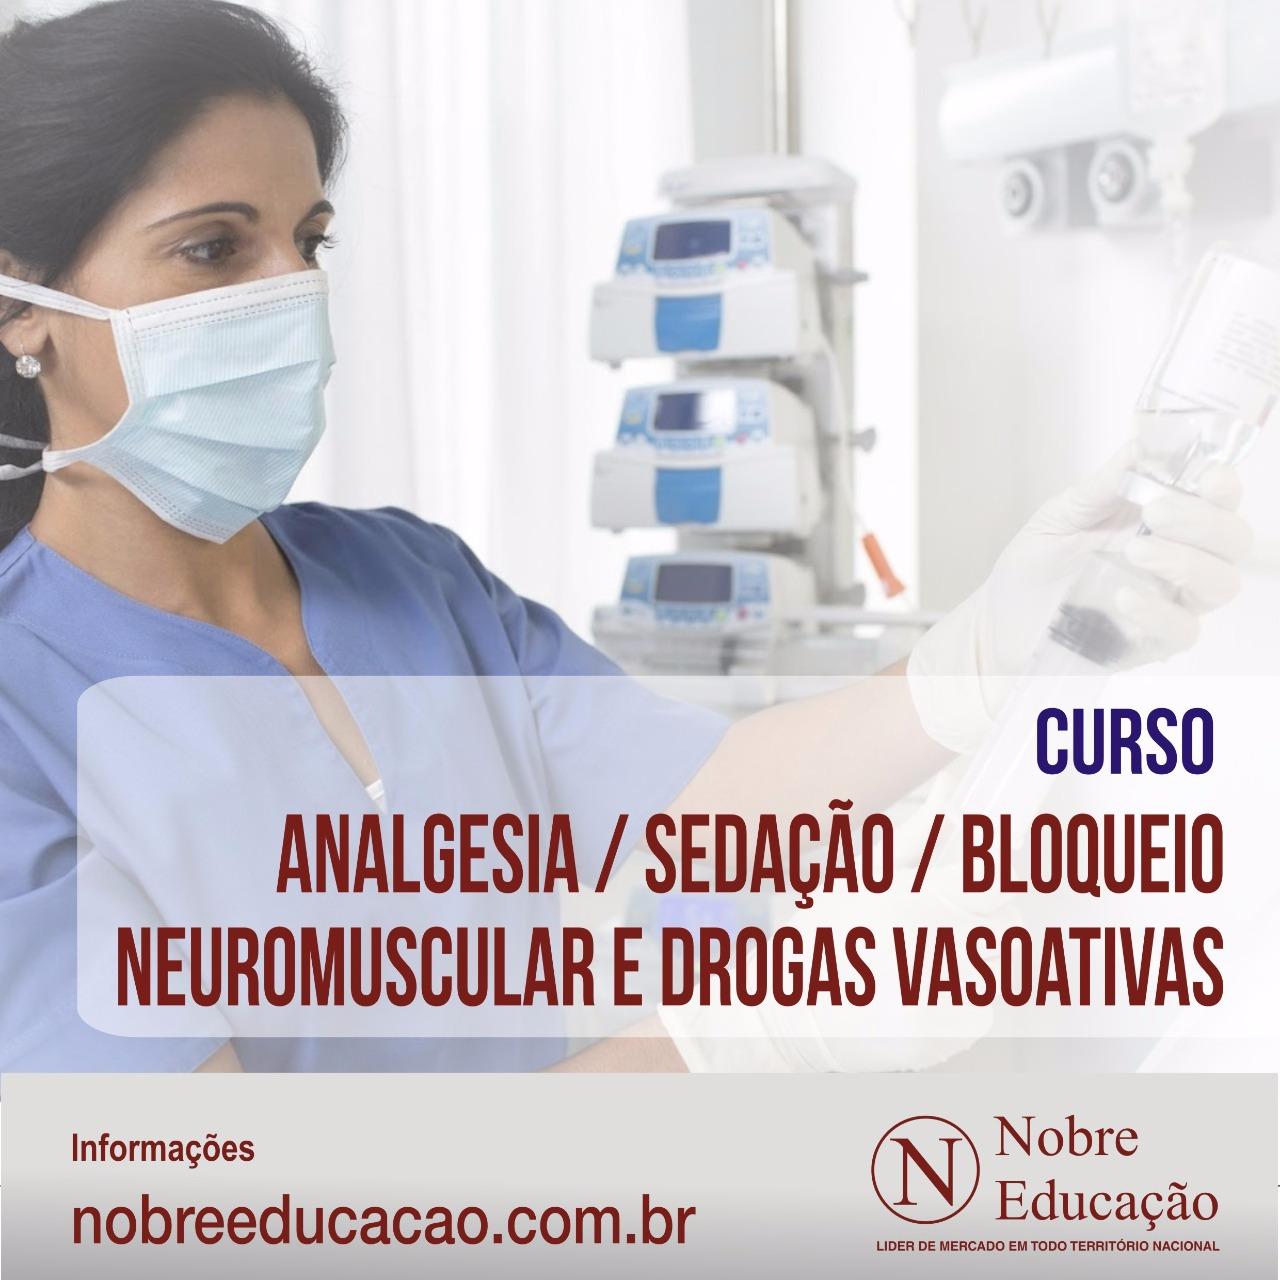 Analgesia, Sedação, Bloqueio Neuromuscular e Drogas Vasoativas